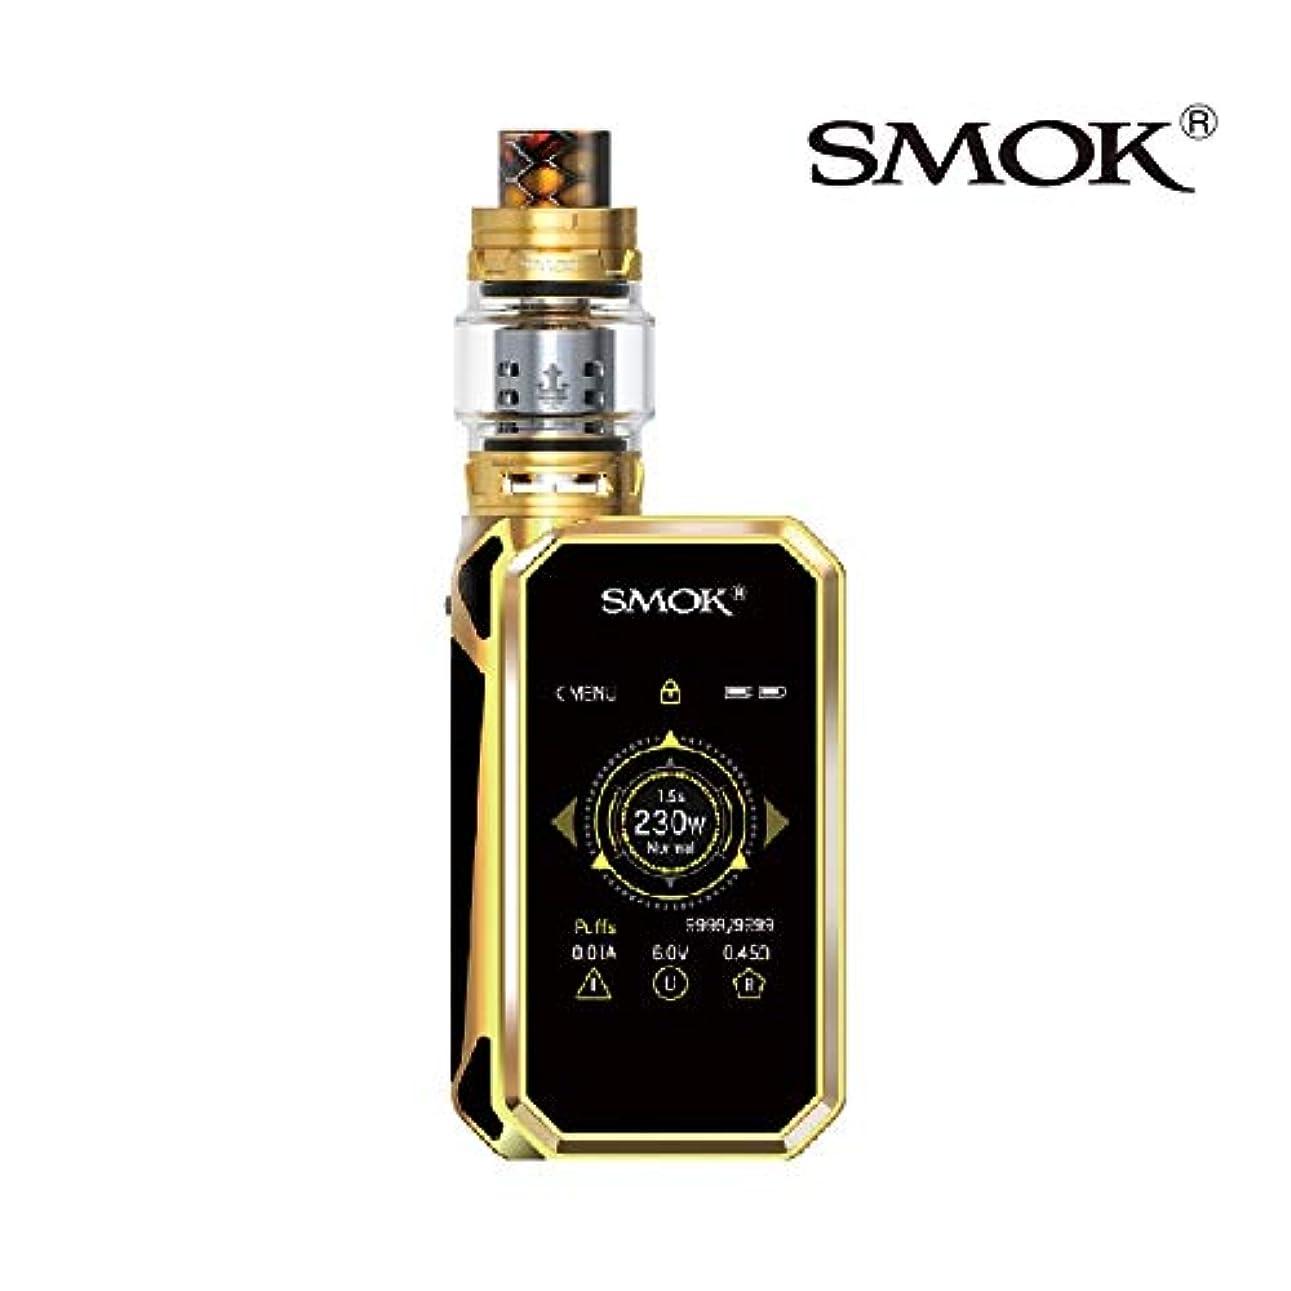 最初に効果競争力のある【正規品】Smok社最新の製品 Smok G-PRIV 2 Kit Luxe Edition 電子タバコ スモック 230W 豪華版 TFV12 アトマイザー タッチ スクリーン スターターキット (プリズムゴールド prism...